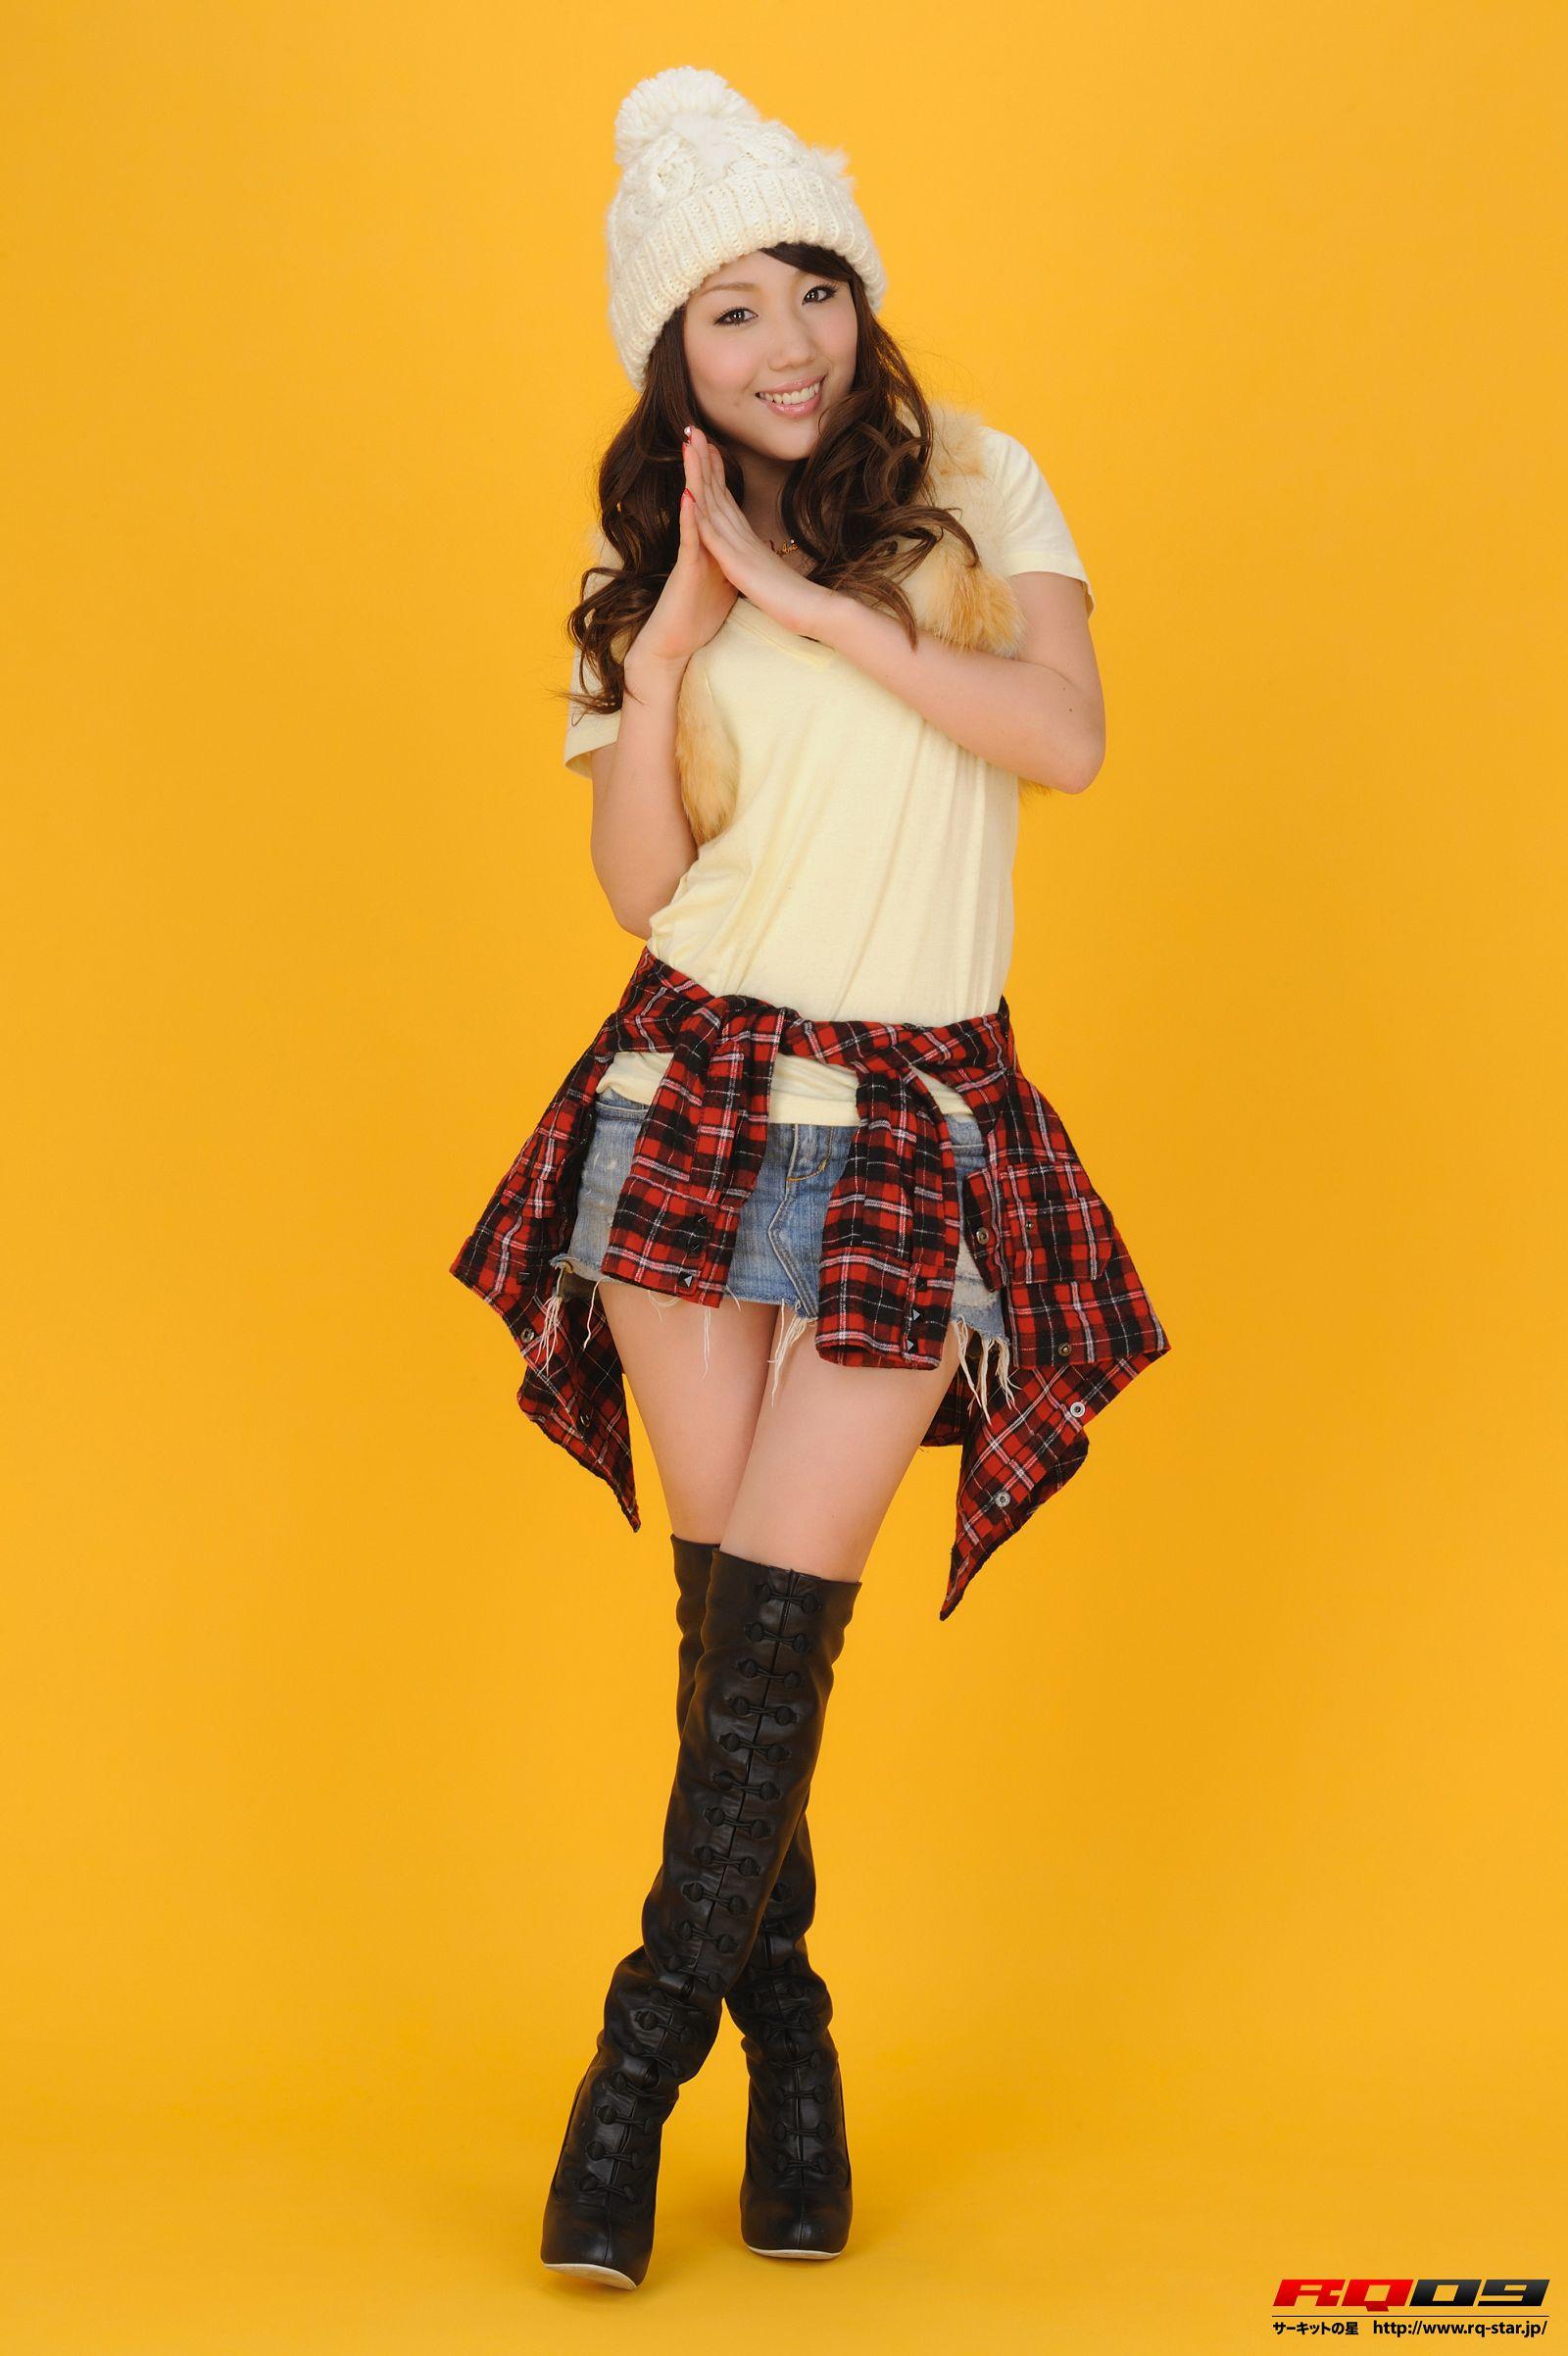 [RQ STAR美女] NO.0247 Arisa Kimura 木村亜梨沙 Private Dress[90P] RQ STAR 第1张